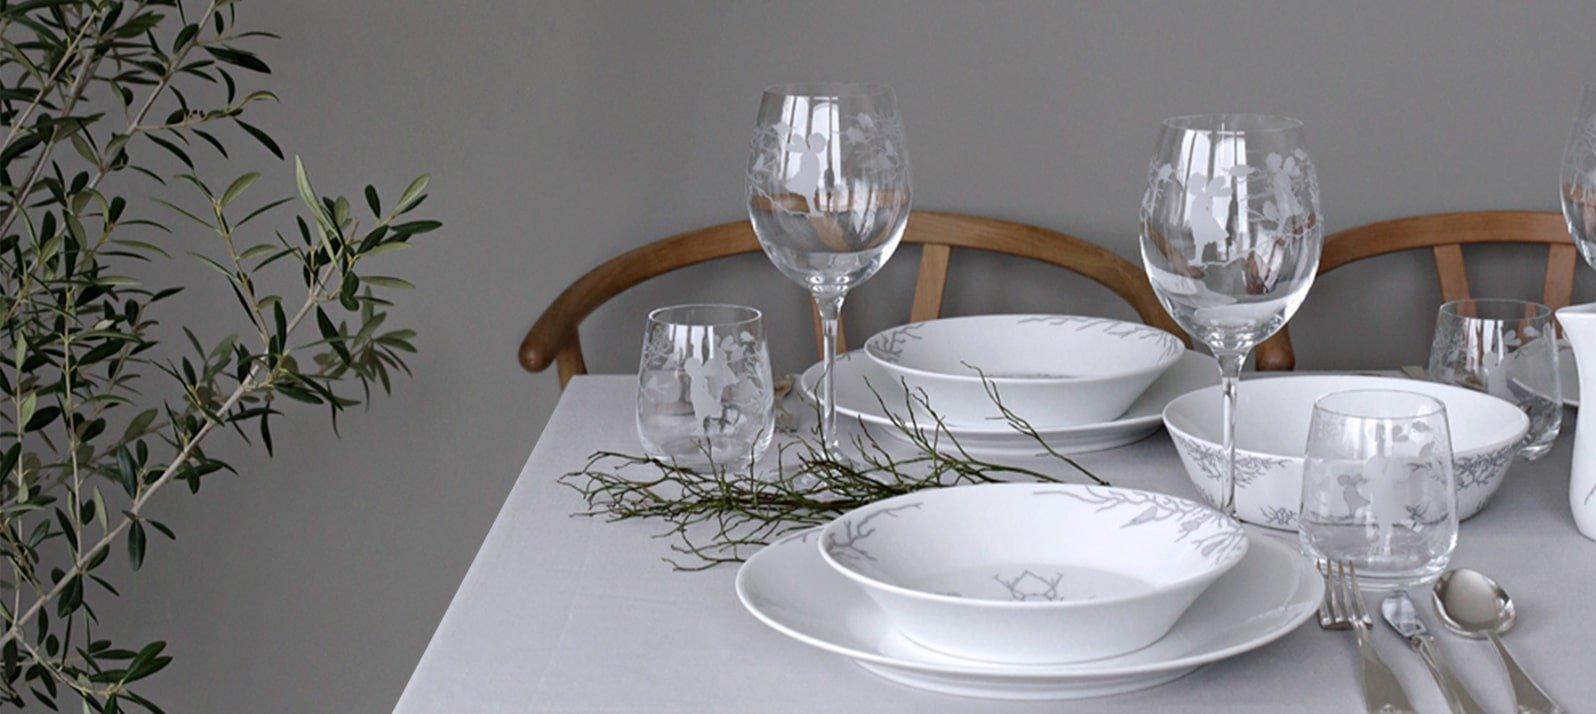 L'incanto della tavola natalizia